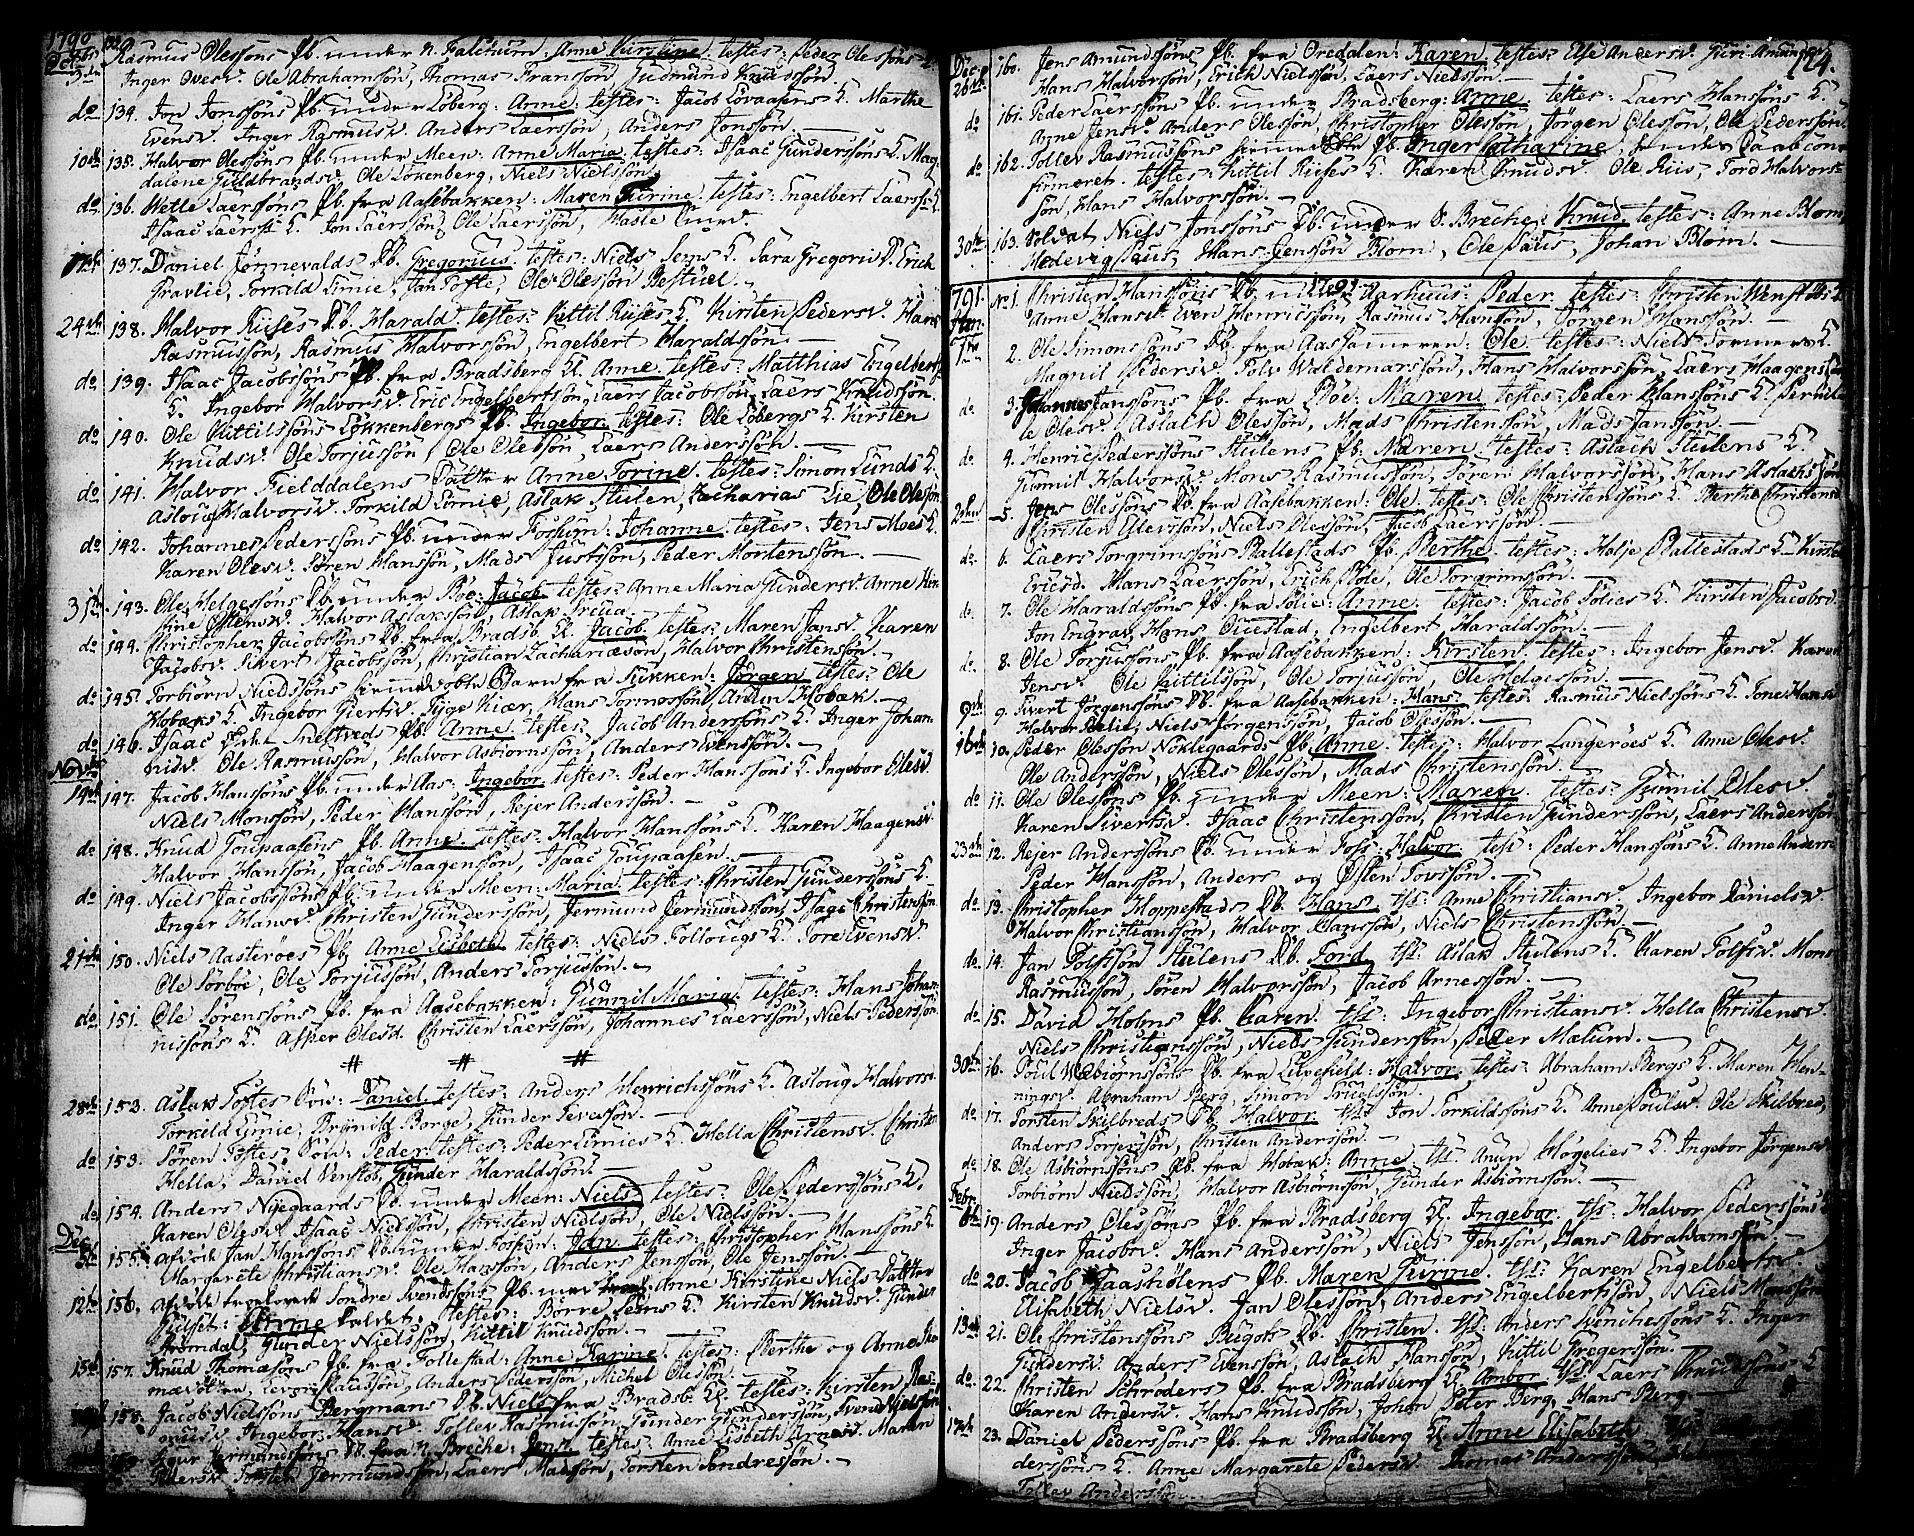 SAKO, Gjerpen kirkebøker, F/Fa/L0002: Ministerialbok nr. 2, 1747-1795, s. 124